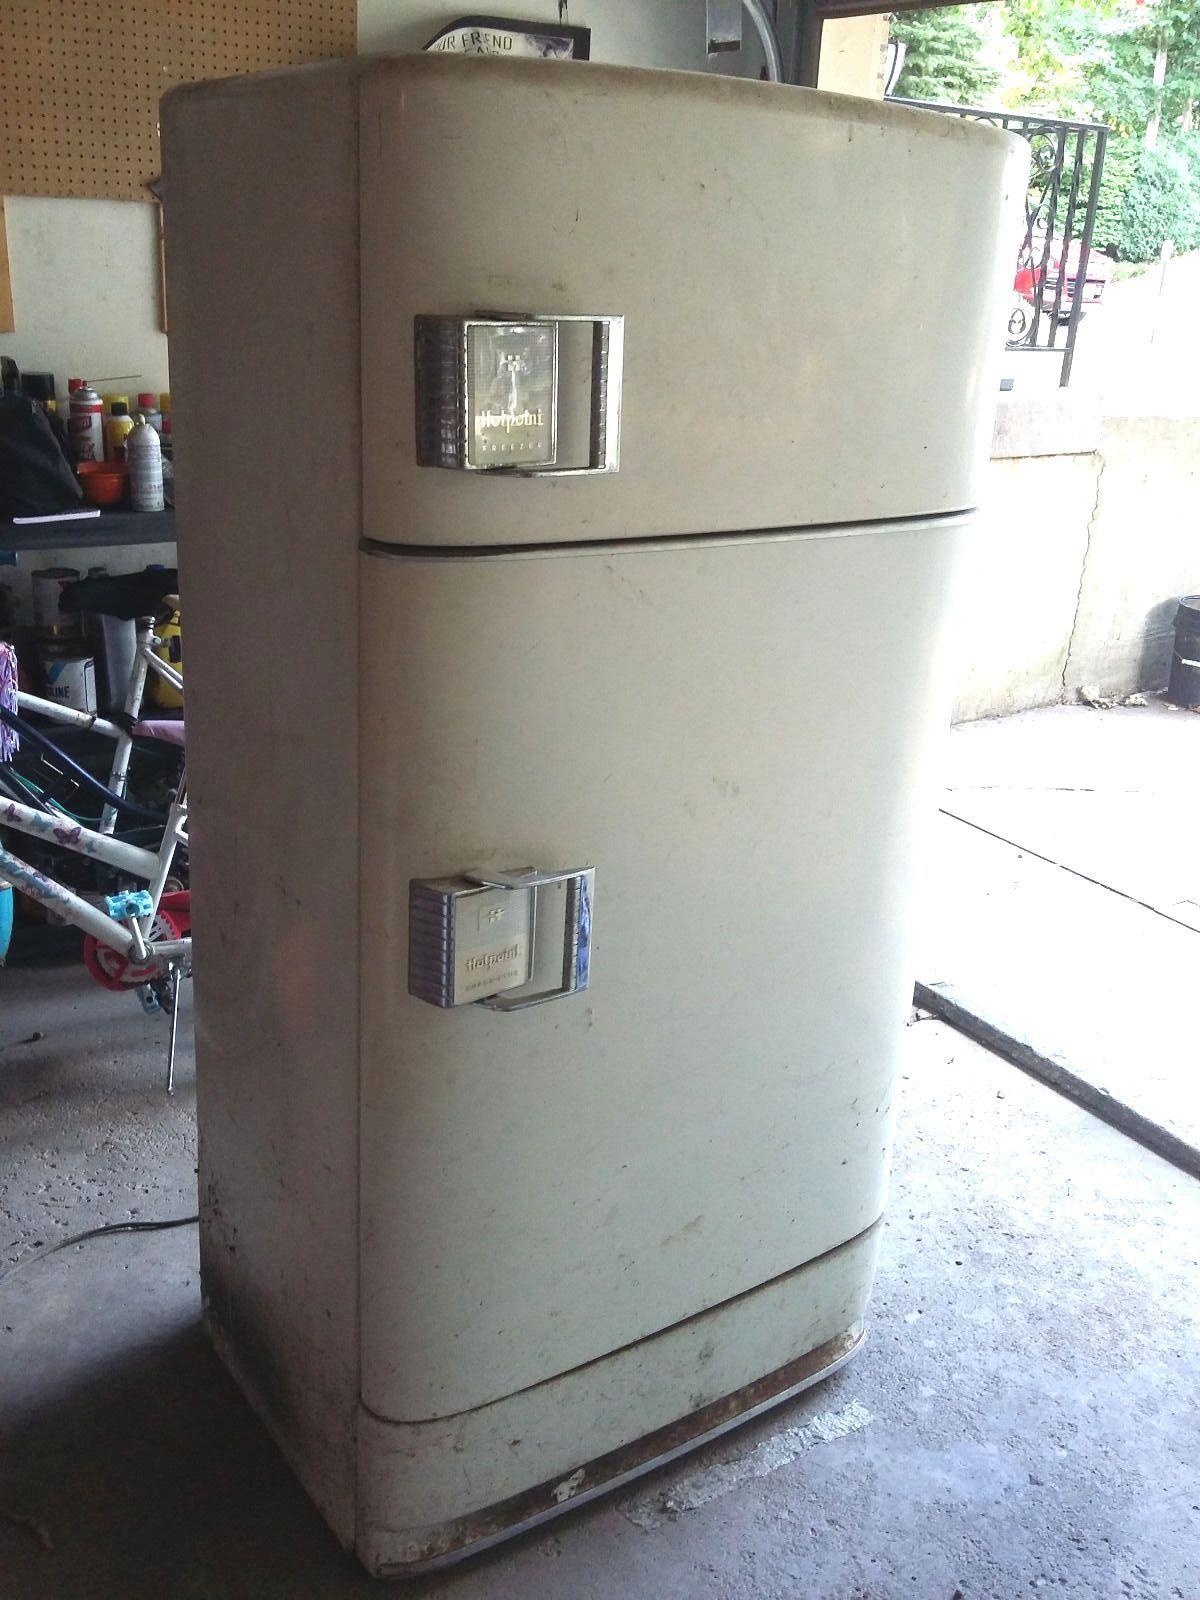 Details about Vintage 1950s Kelvinator Refrigerator